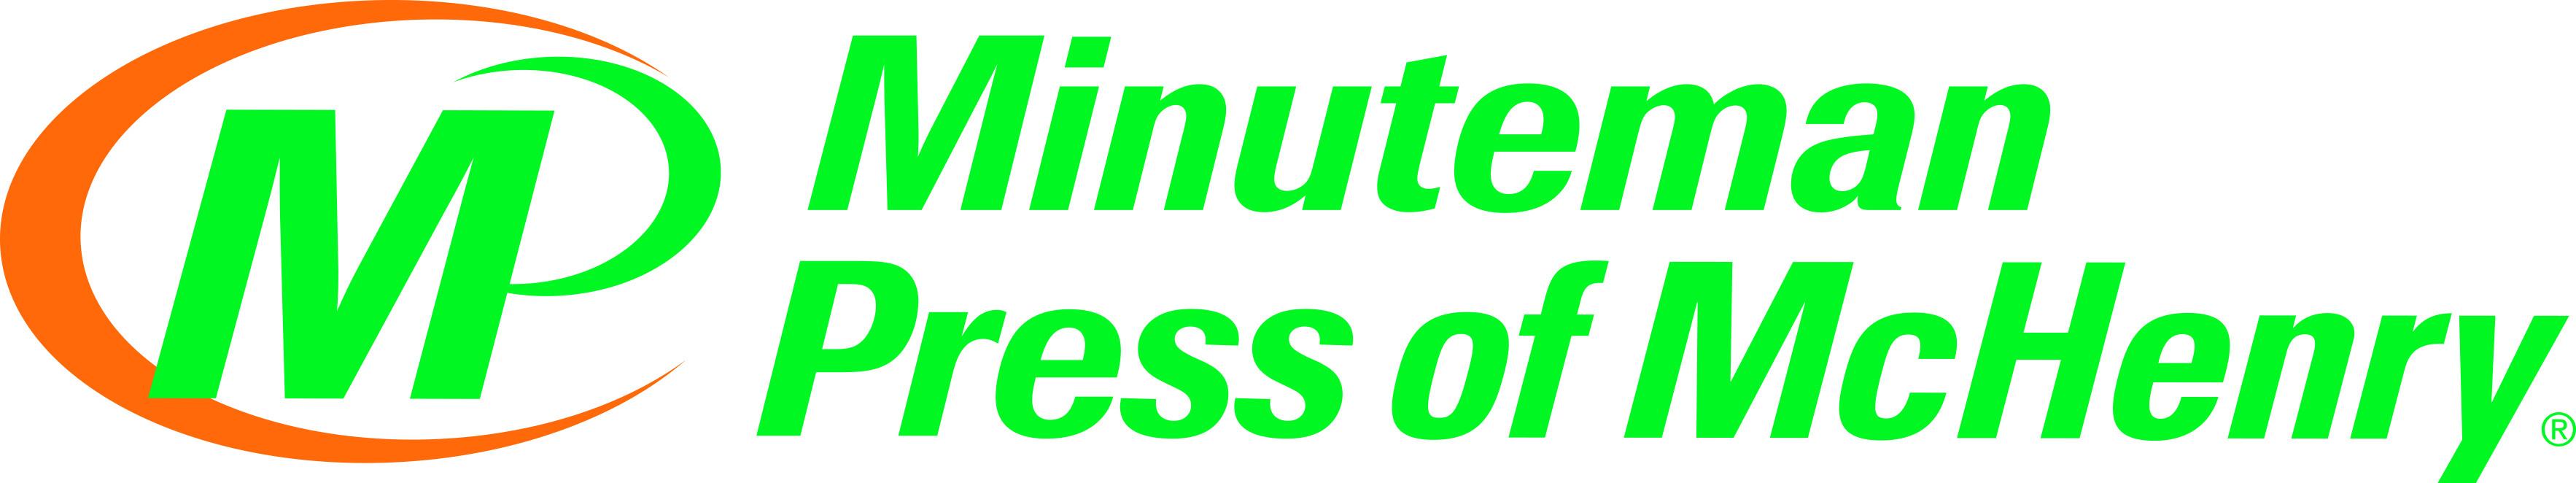 MinuteMan Press - McHenry